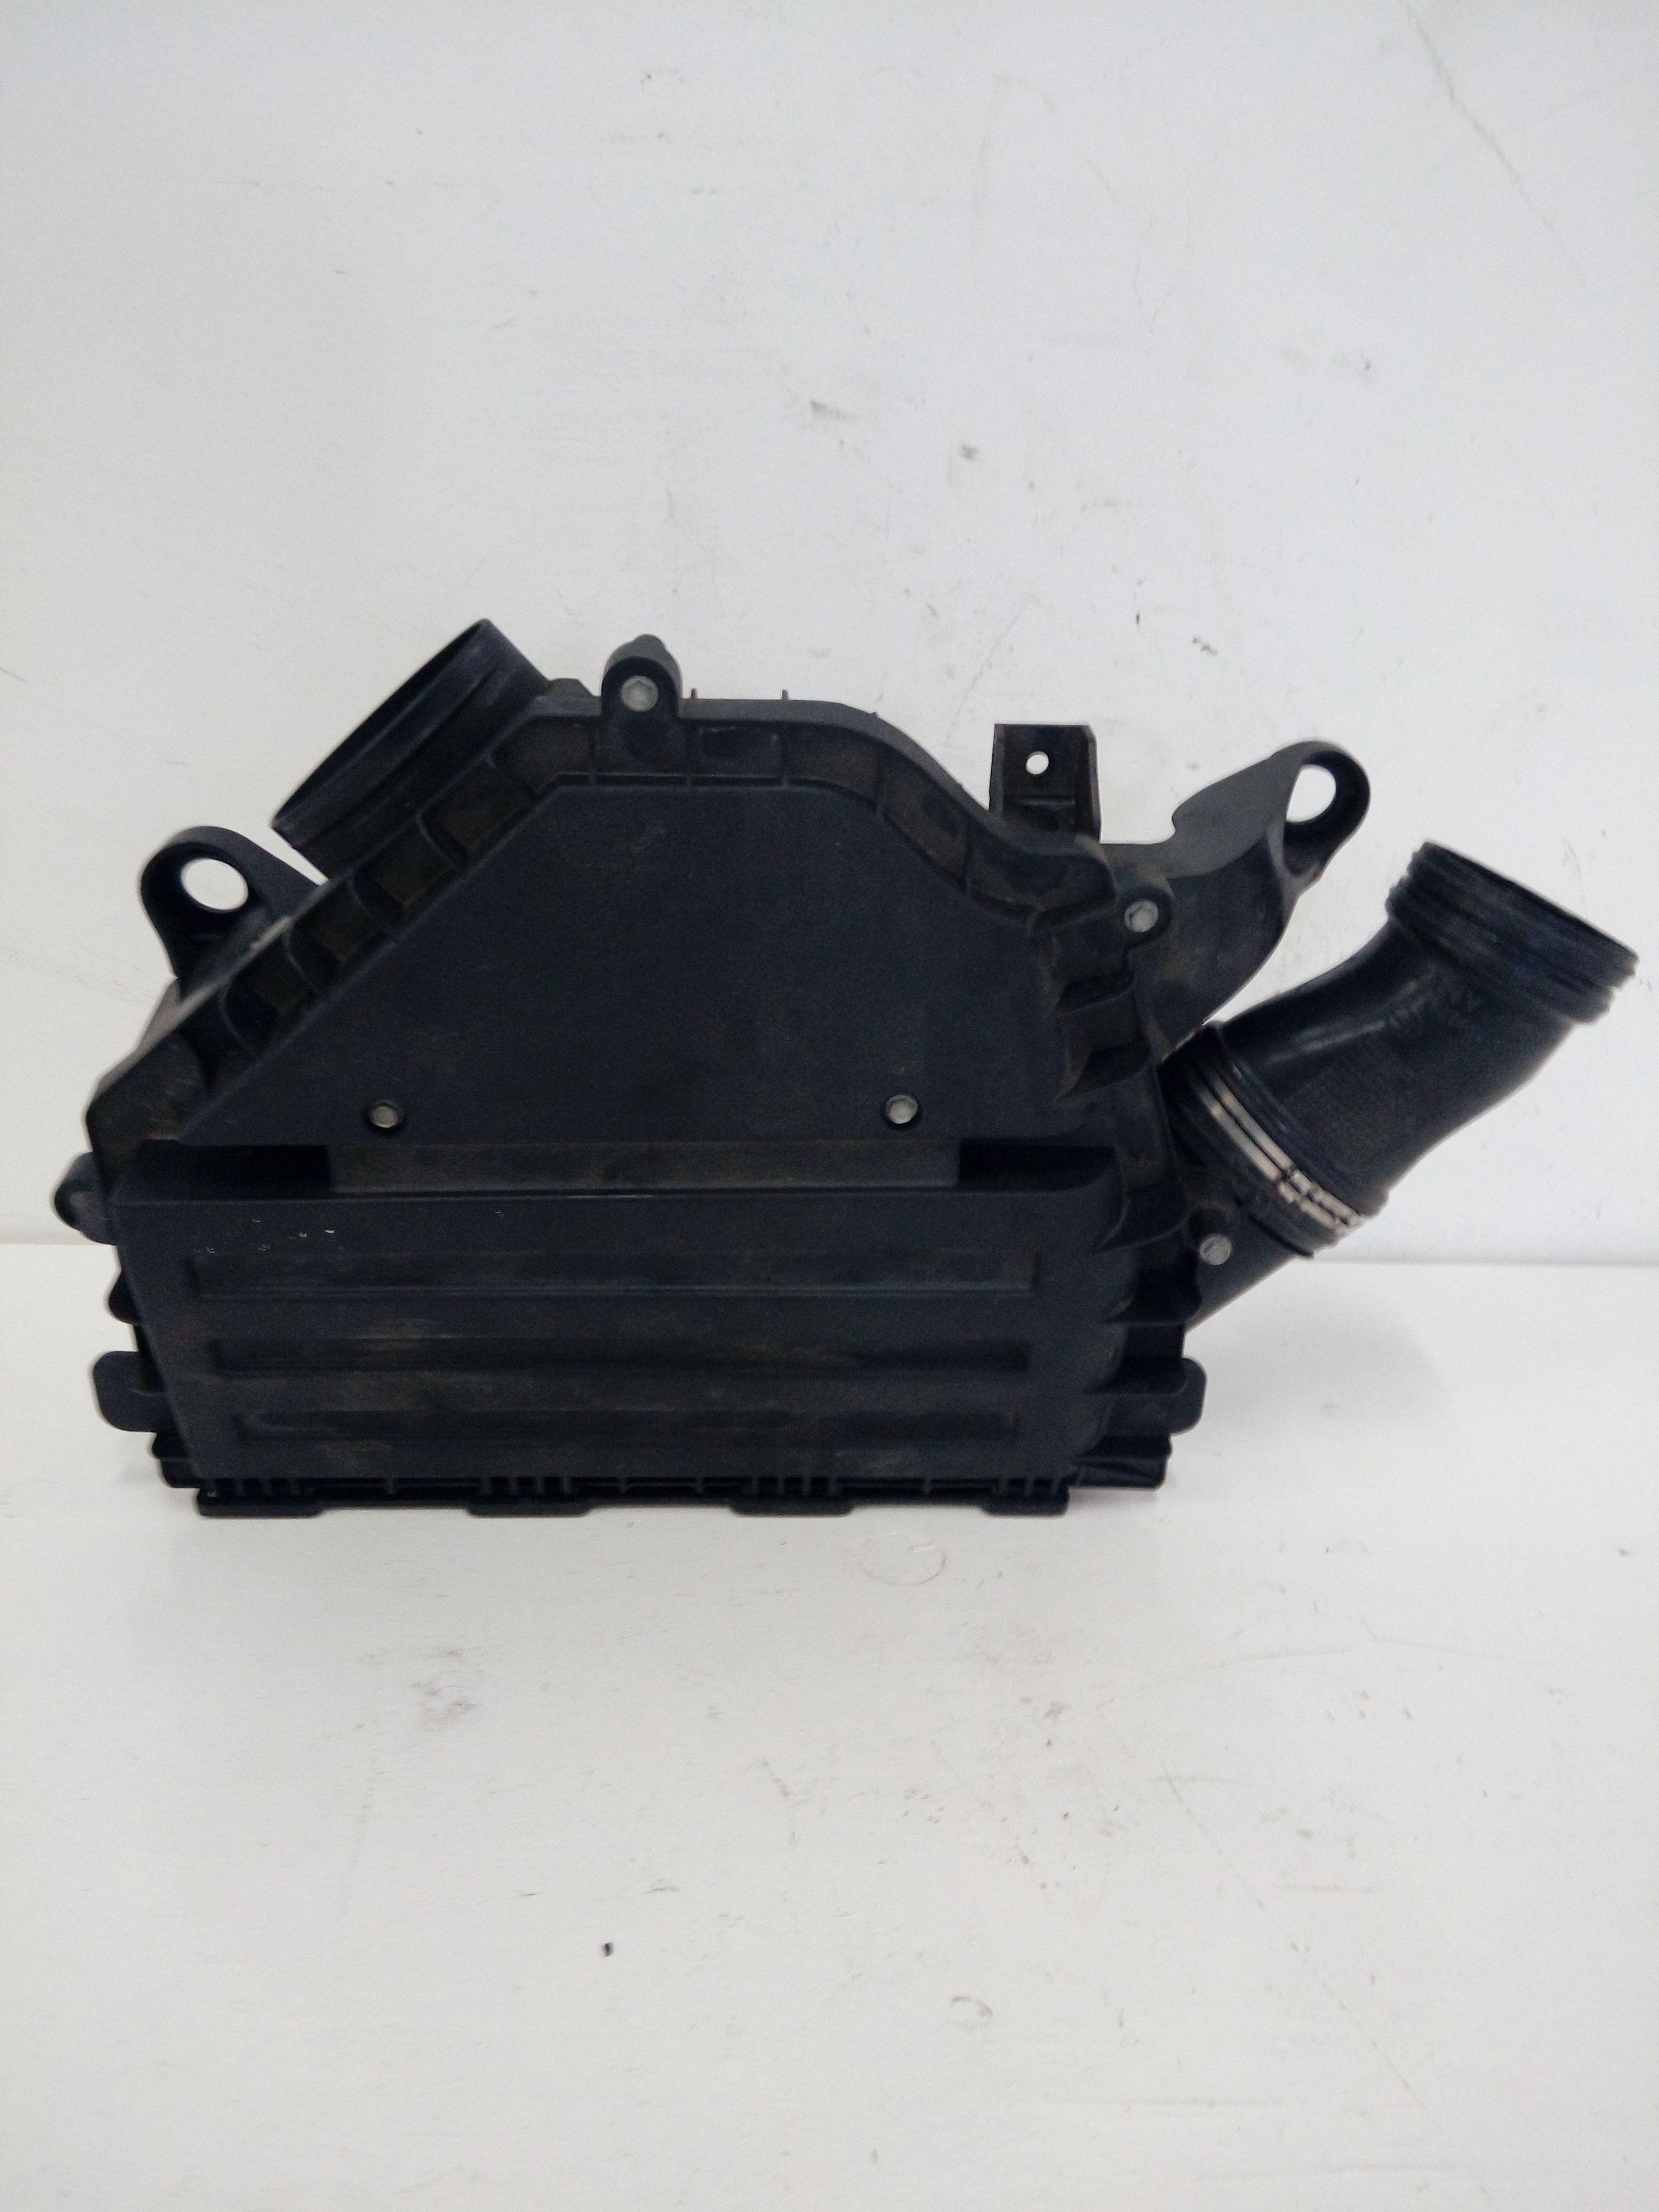 51968076  /  51968079 BOX SCATOLA FILTRO ARIA FIAT 500 X 1° Serie 1300 Diesel  (2015) RICAMBI USATI